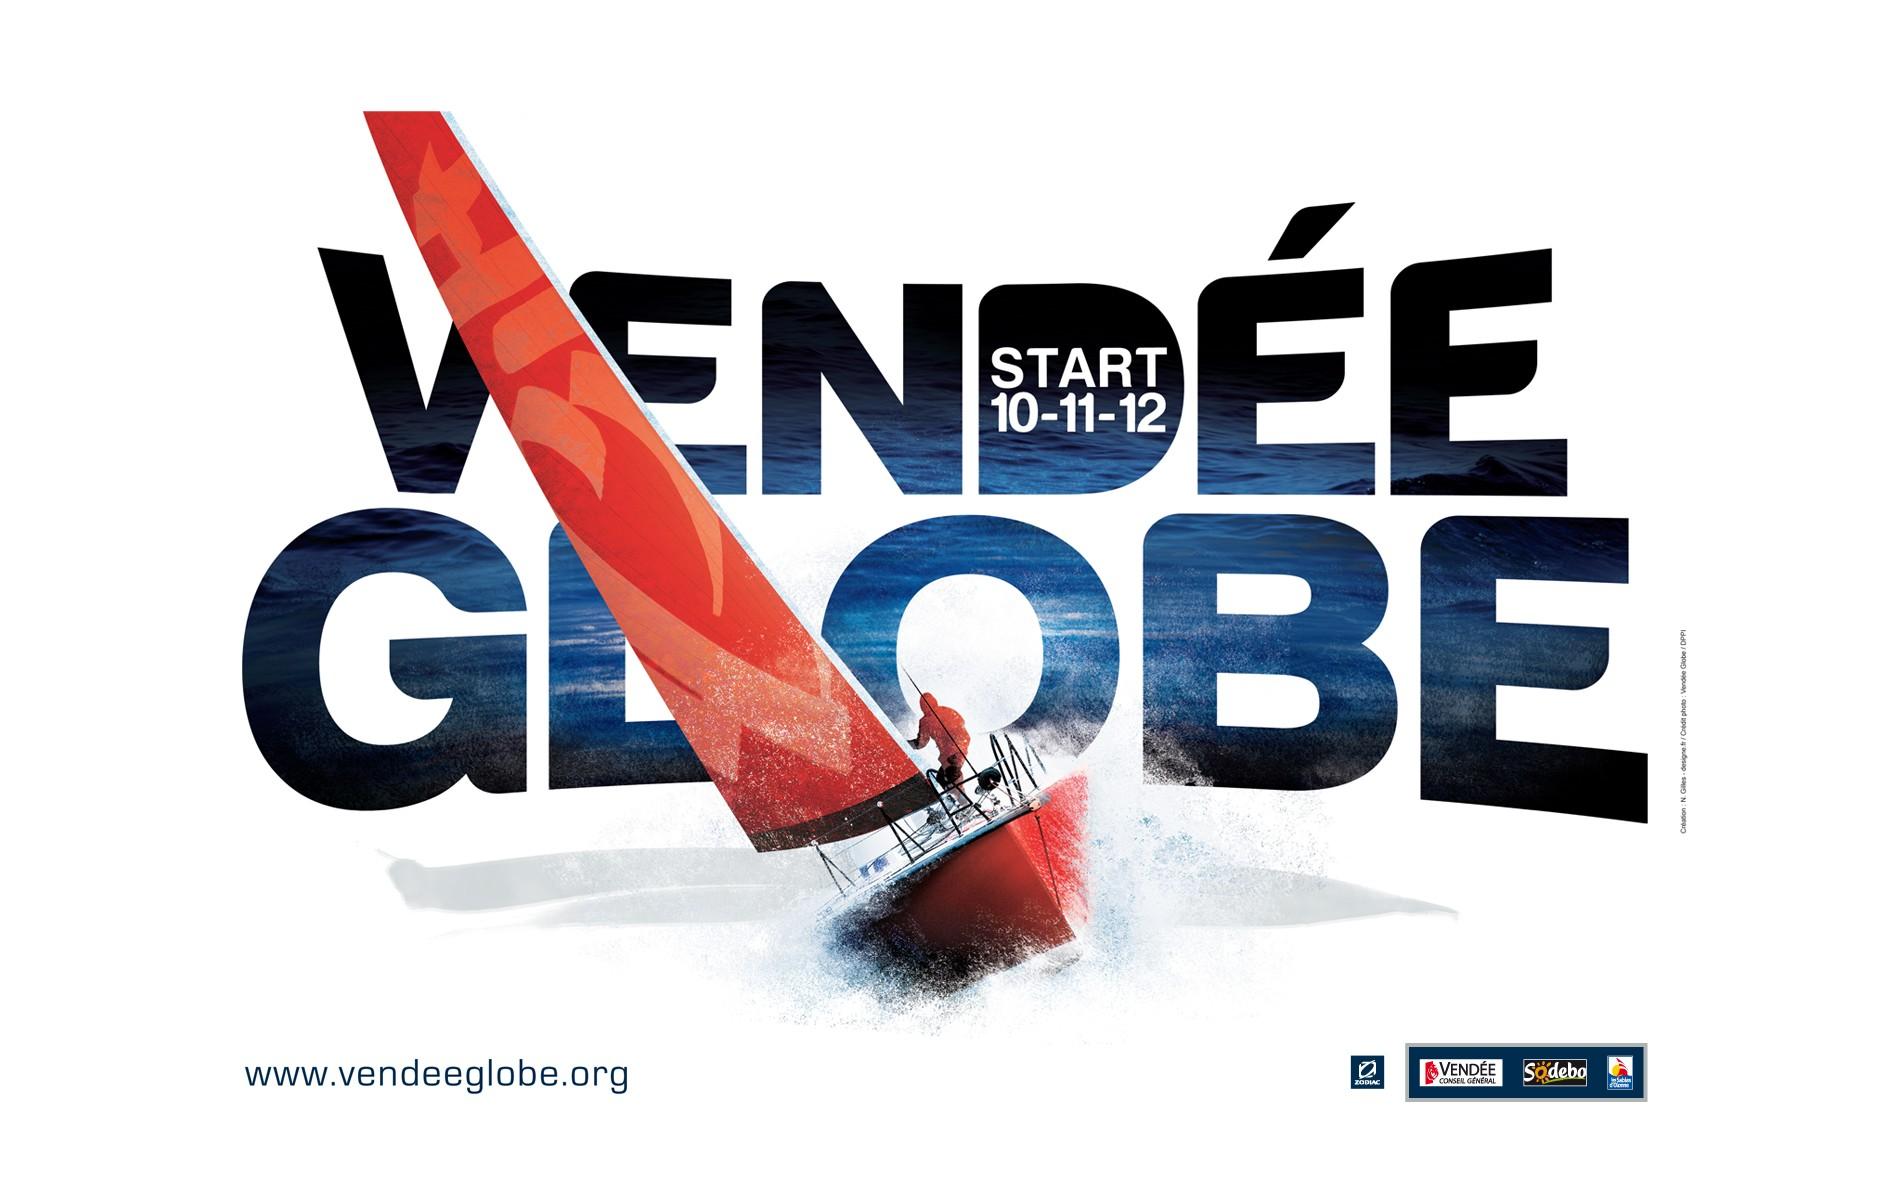 Vendee_Globe_affiche